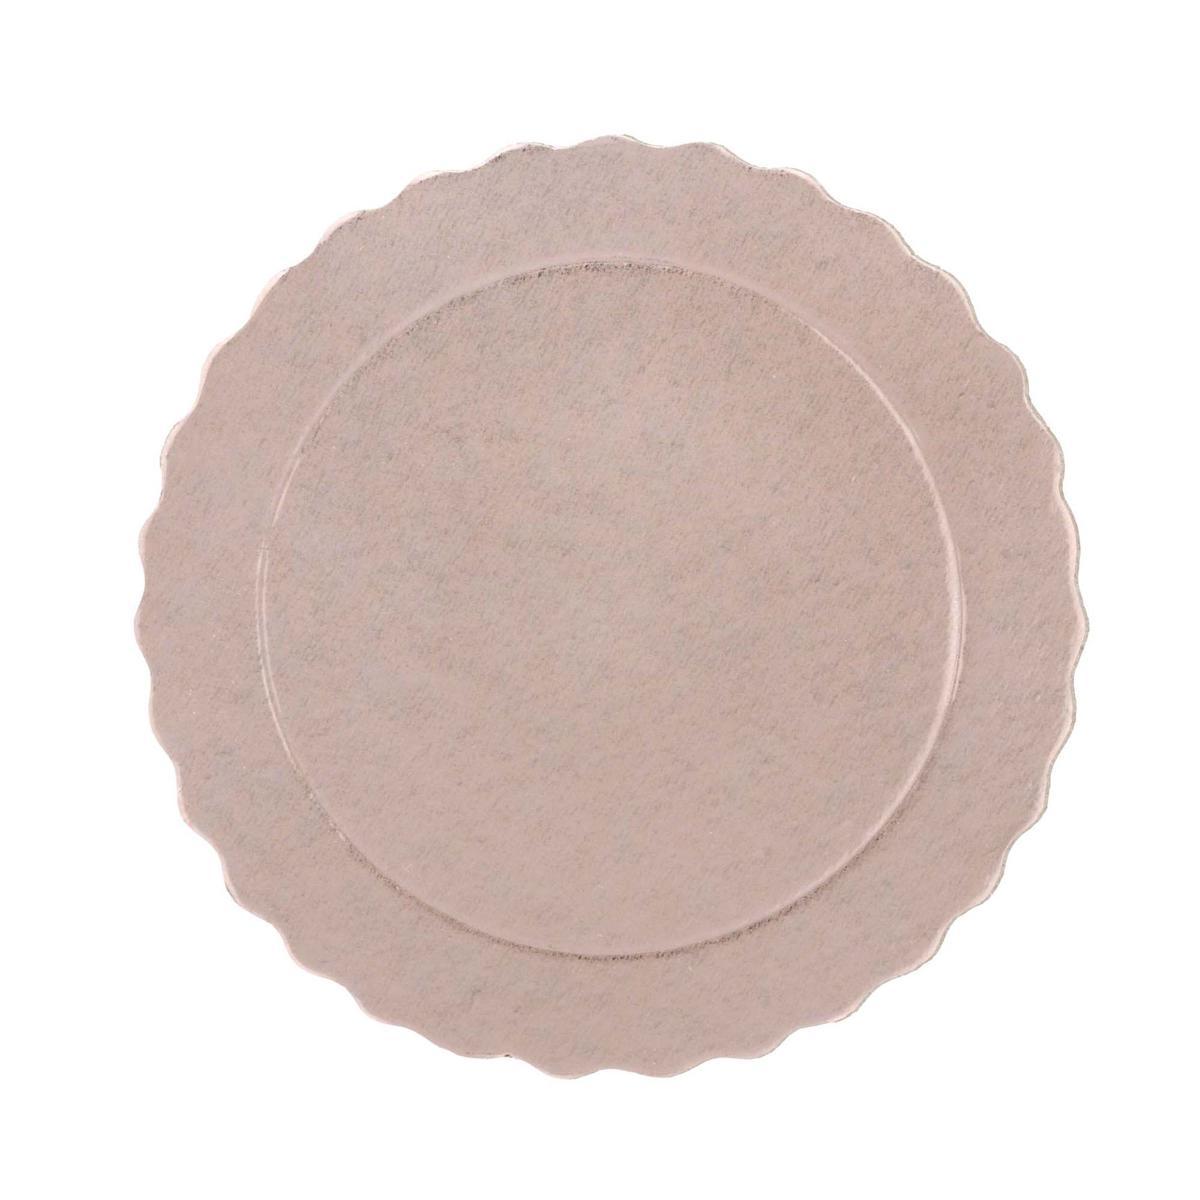 50 Bases Laminadas Para Bolo Redondo, Cake Board 20cm